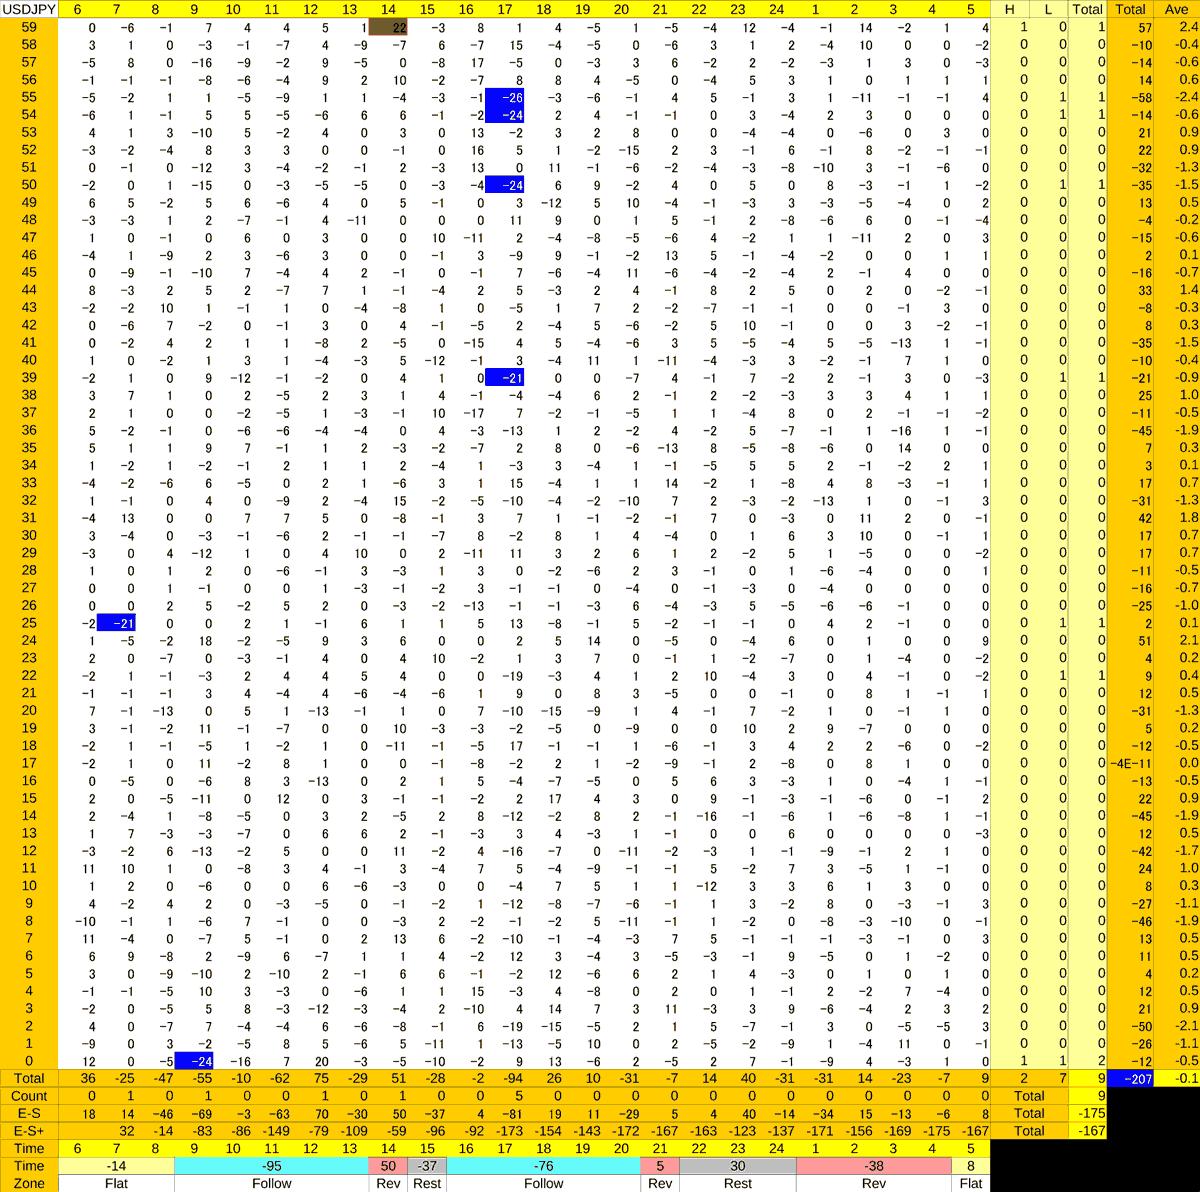 20201126_HS(1)USDJPY